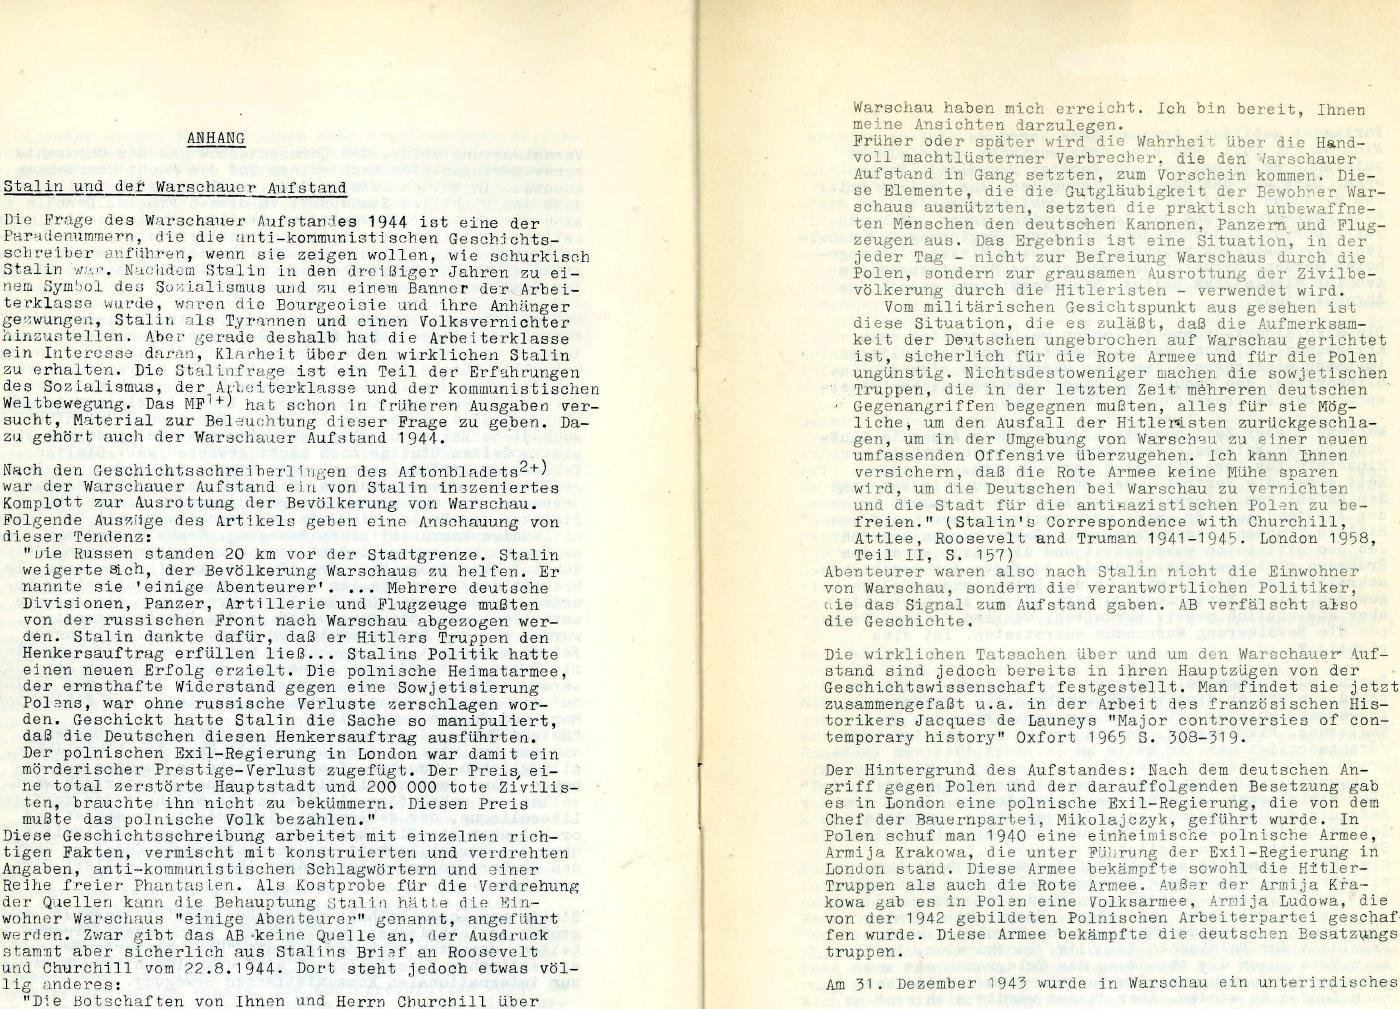 KPDML_1970_Gustafsson_Stalin_13